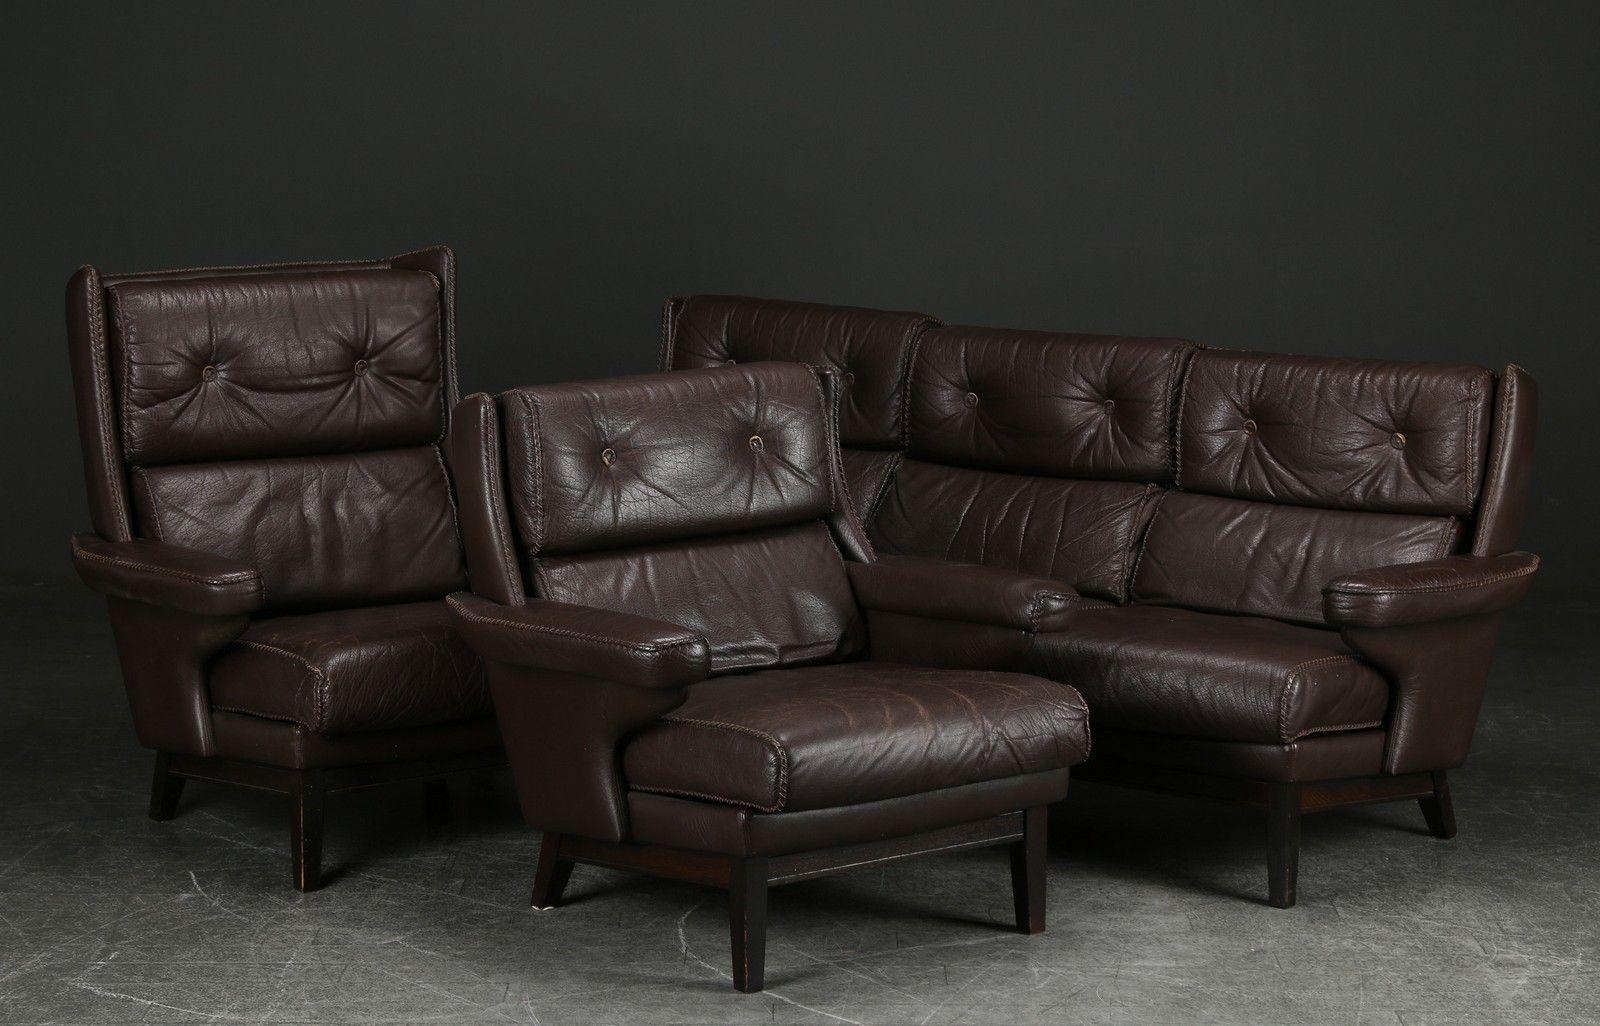 3-Sitzer Sofa und zwei Armlehnstühle aus braunem Leder, 1970er